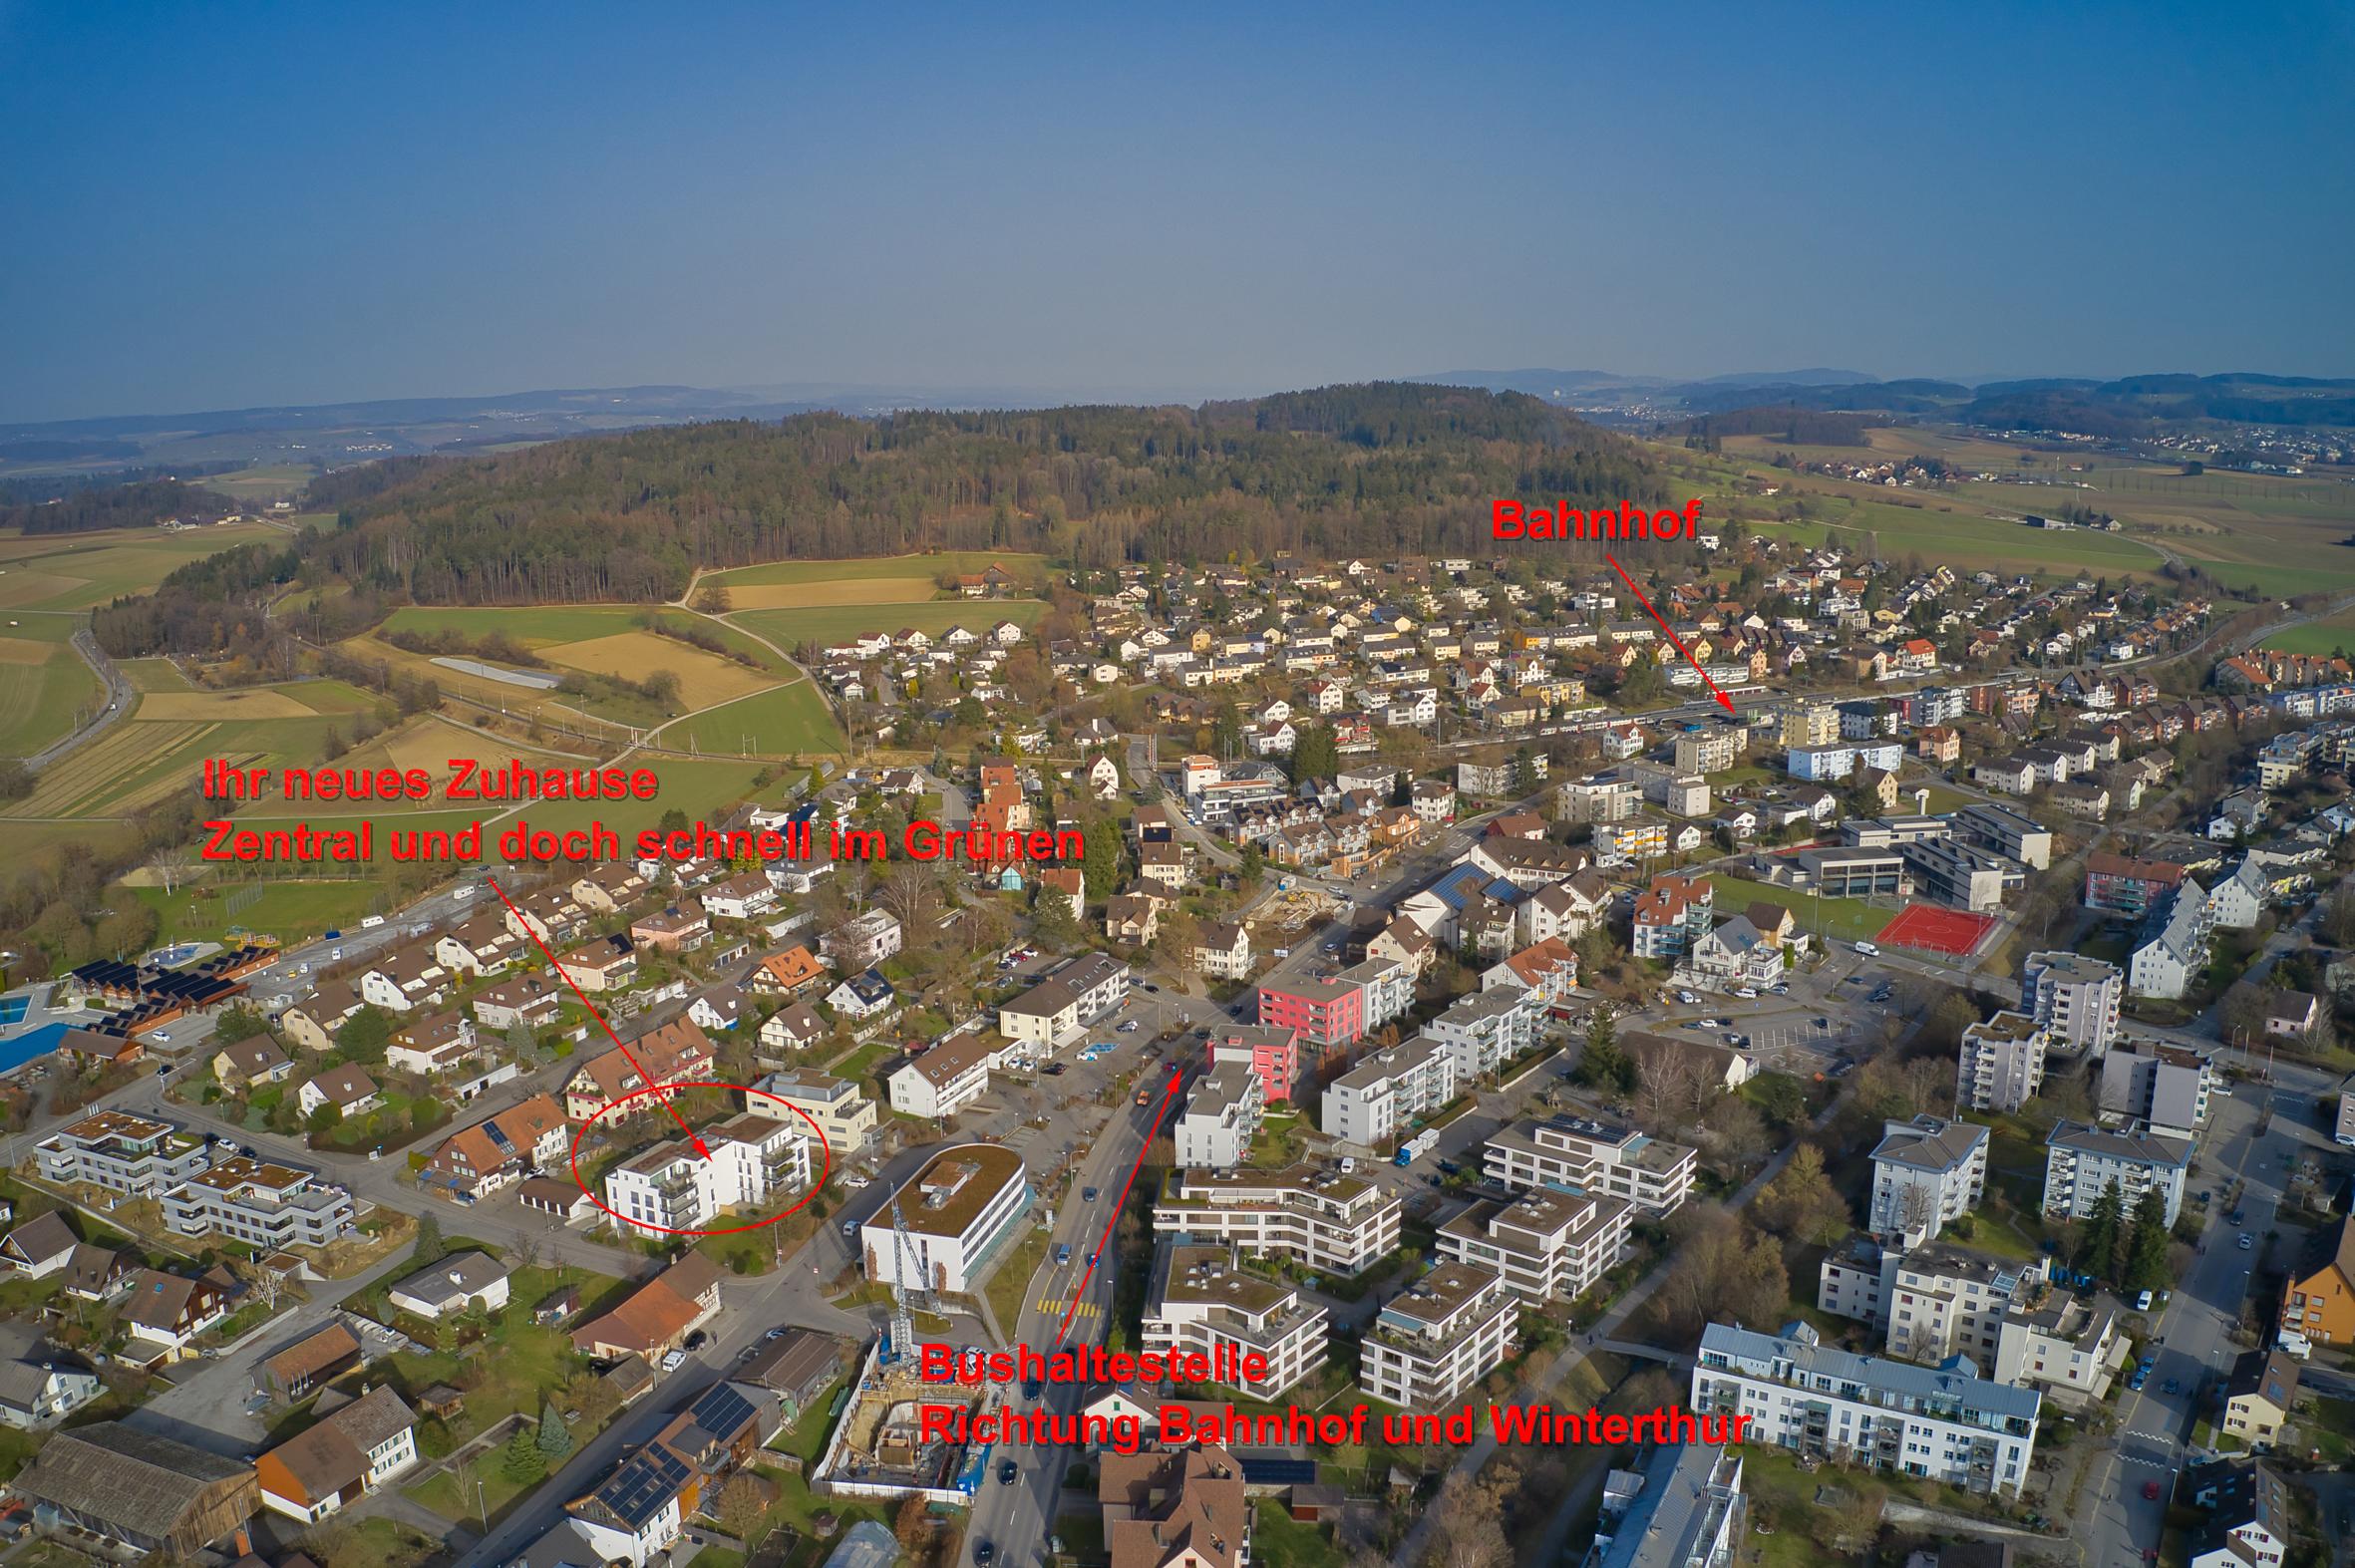 Luftaufnahme aus Süd-Westen-01